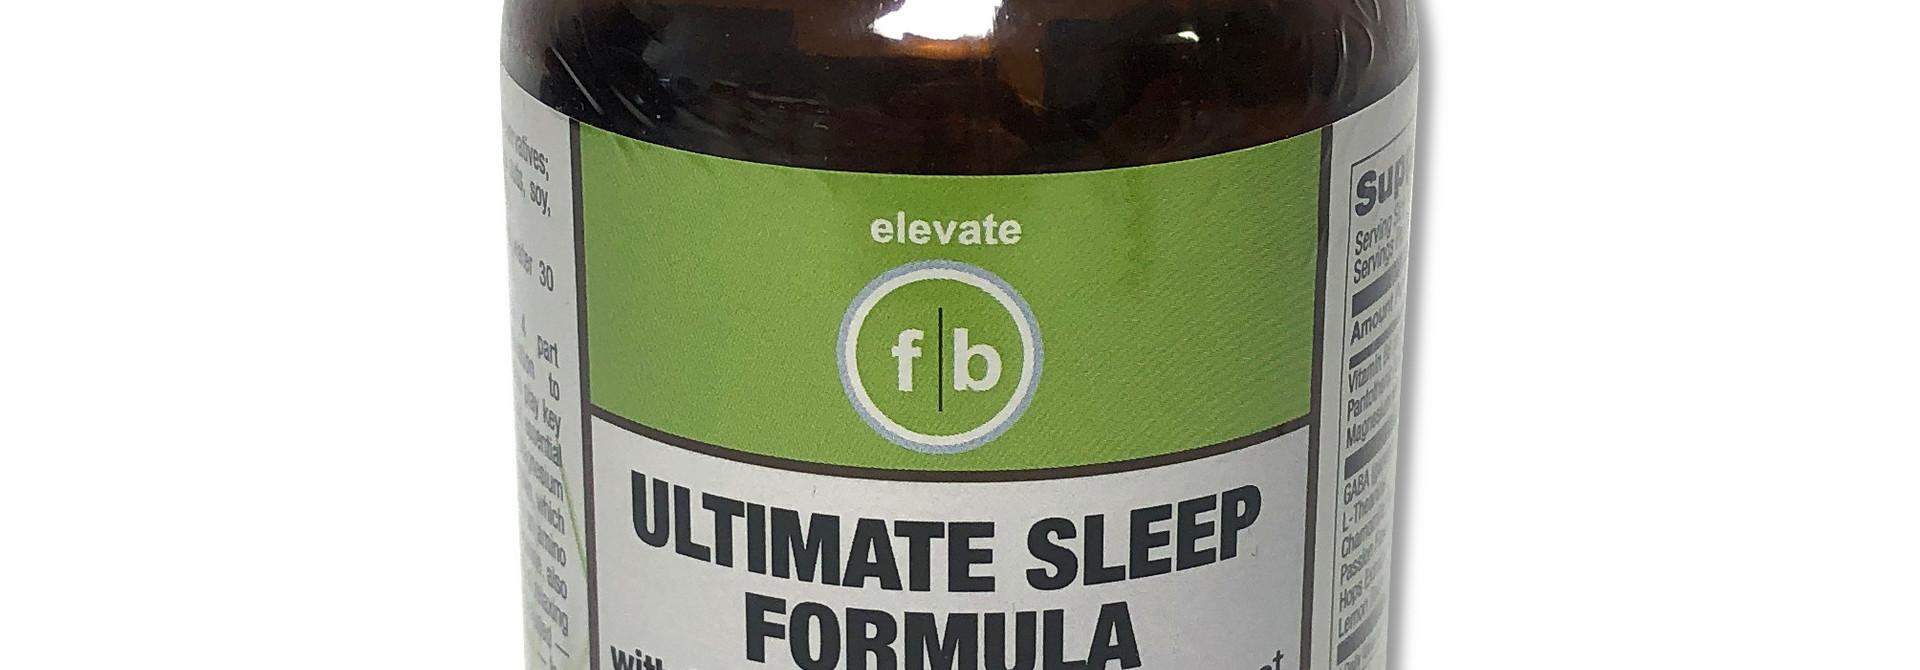 Ultimate Sleep Formula